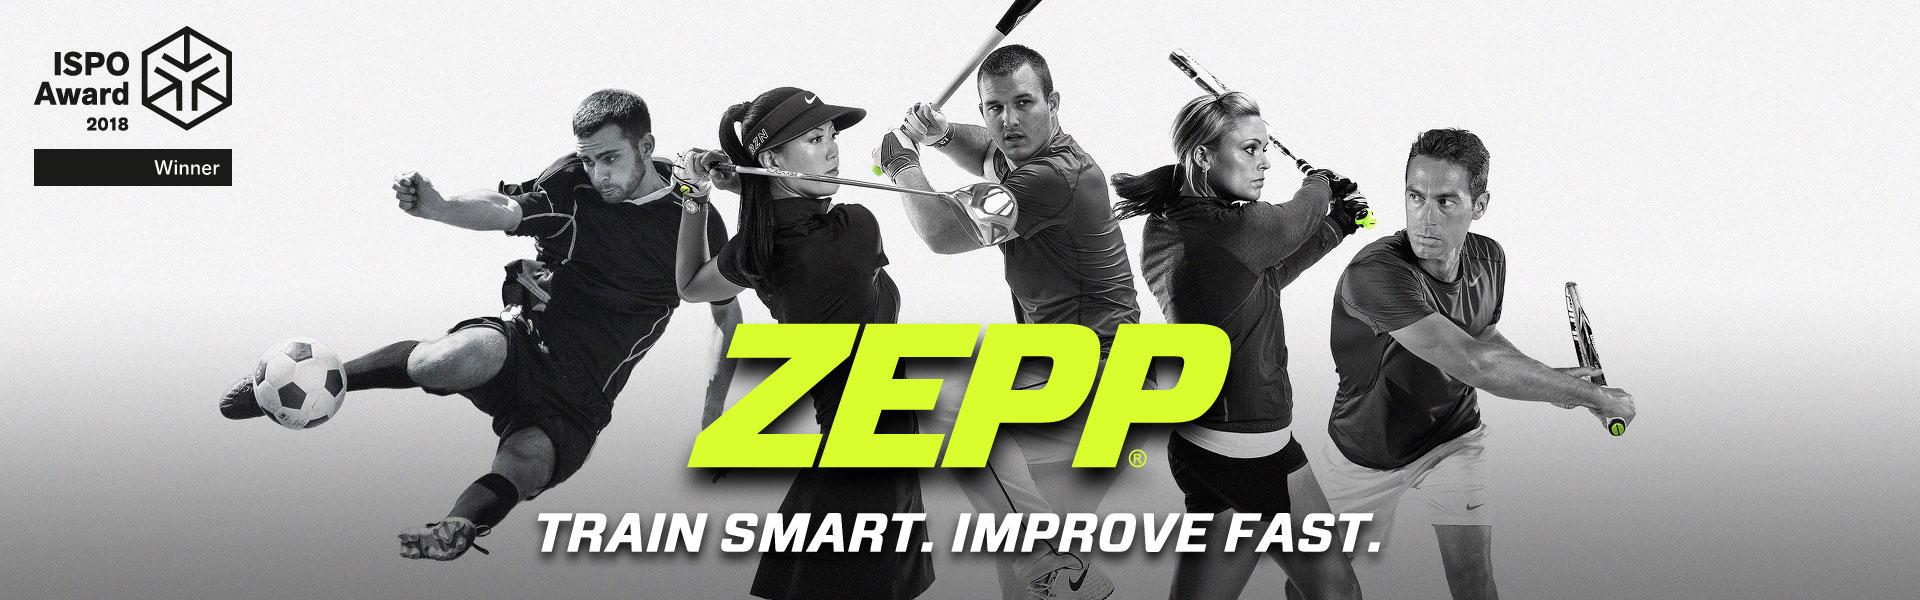 ZEPP Sensors